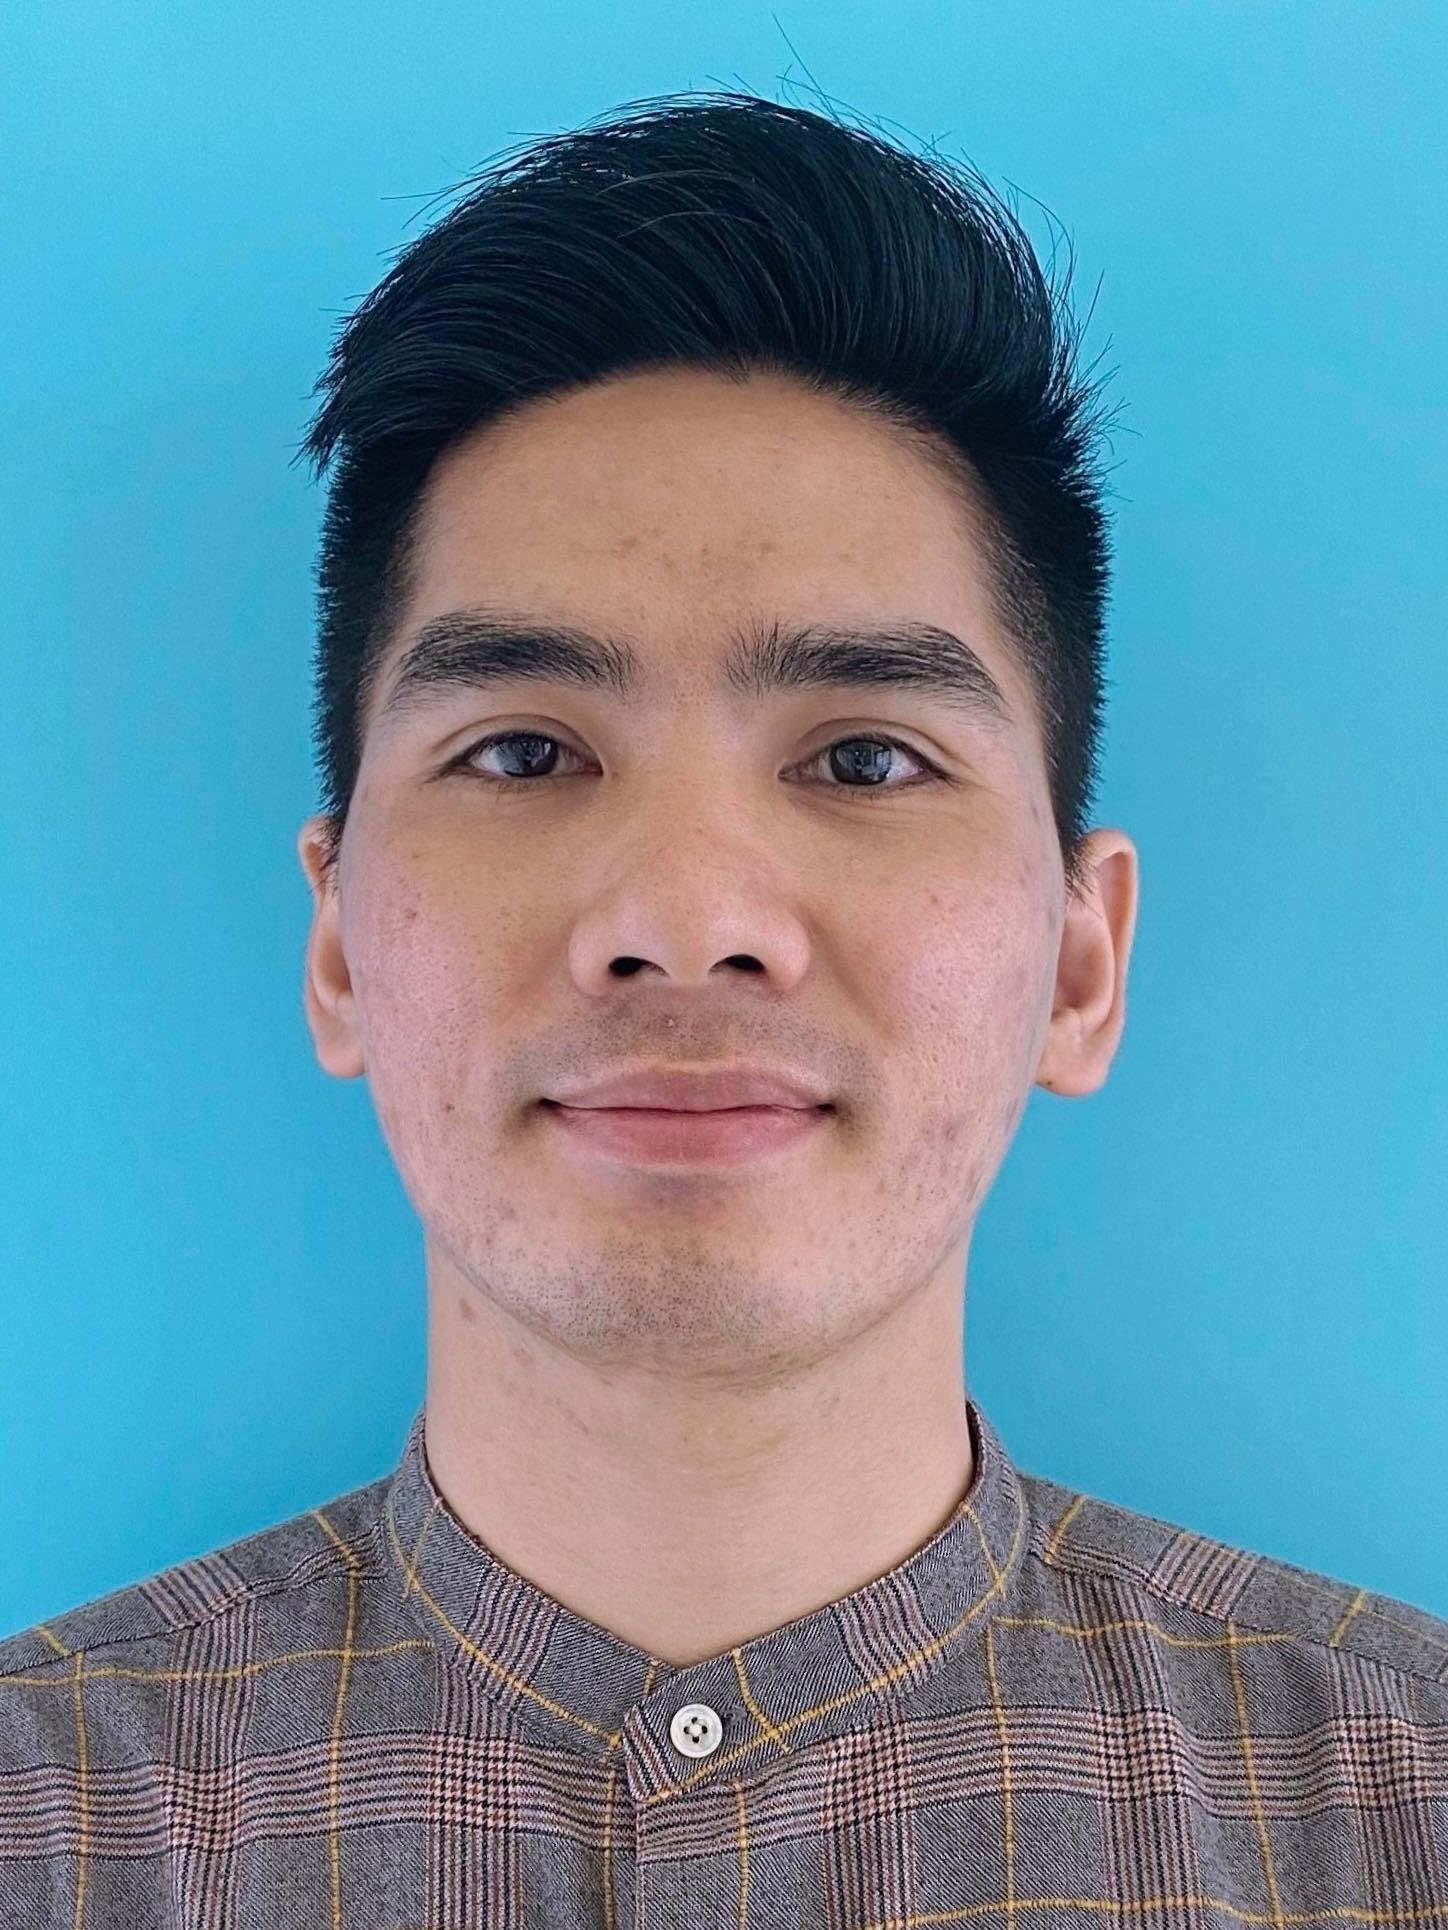 DO DINH KHANH 顔写真